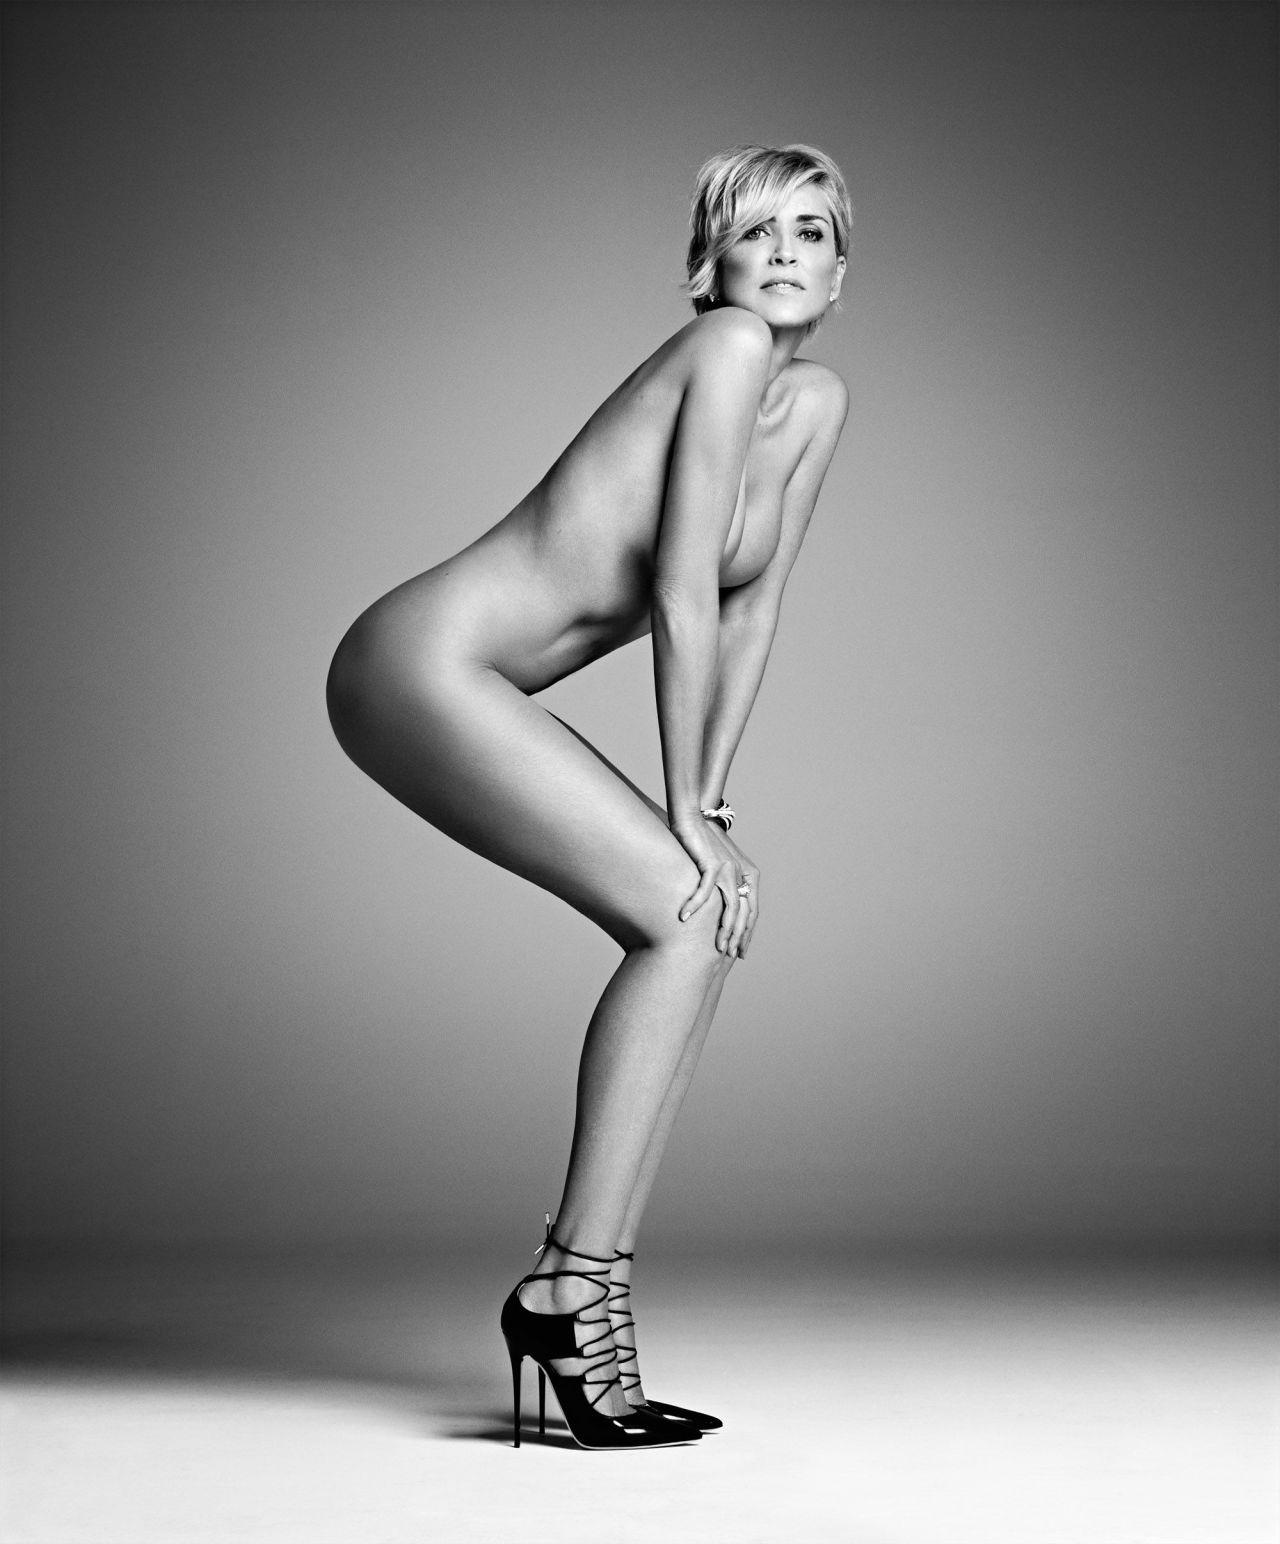 57-летняя Шэрон Стоун снялась полностью обнаженной нагота, фото, шэрон стоун